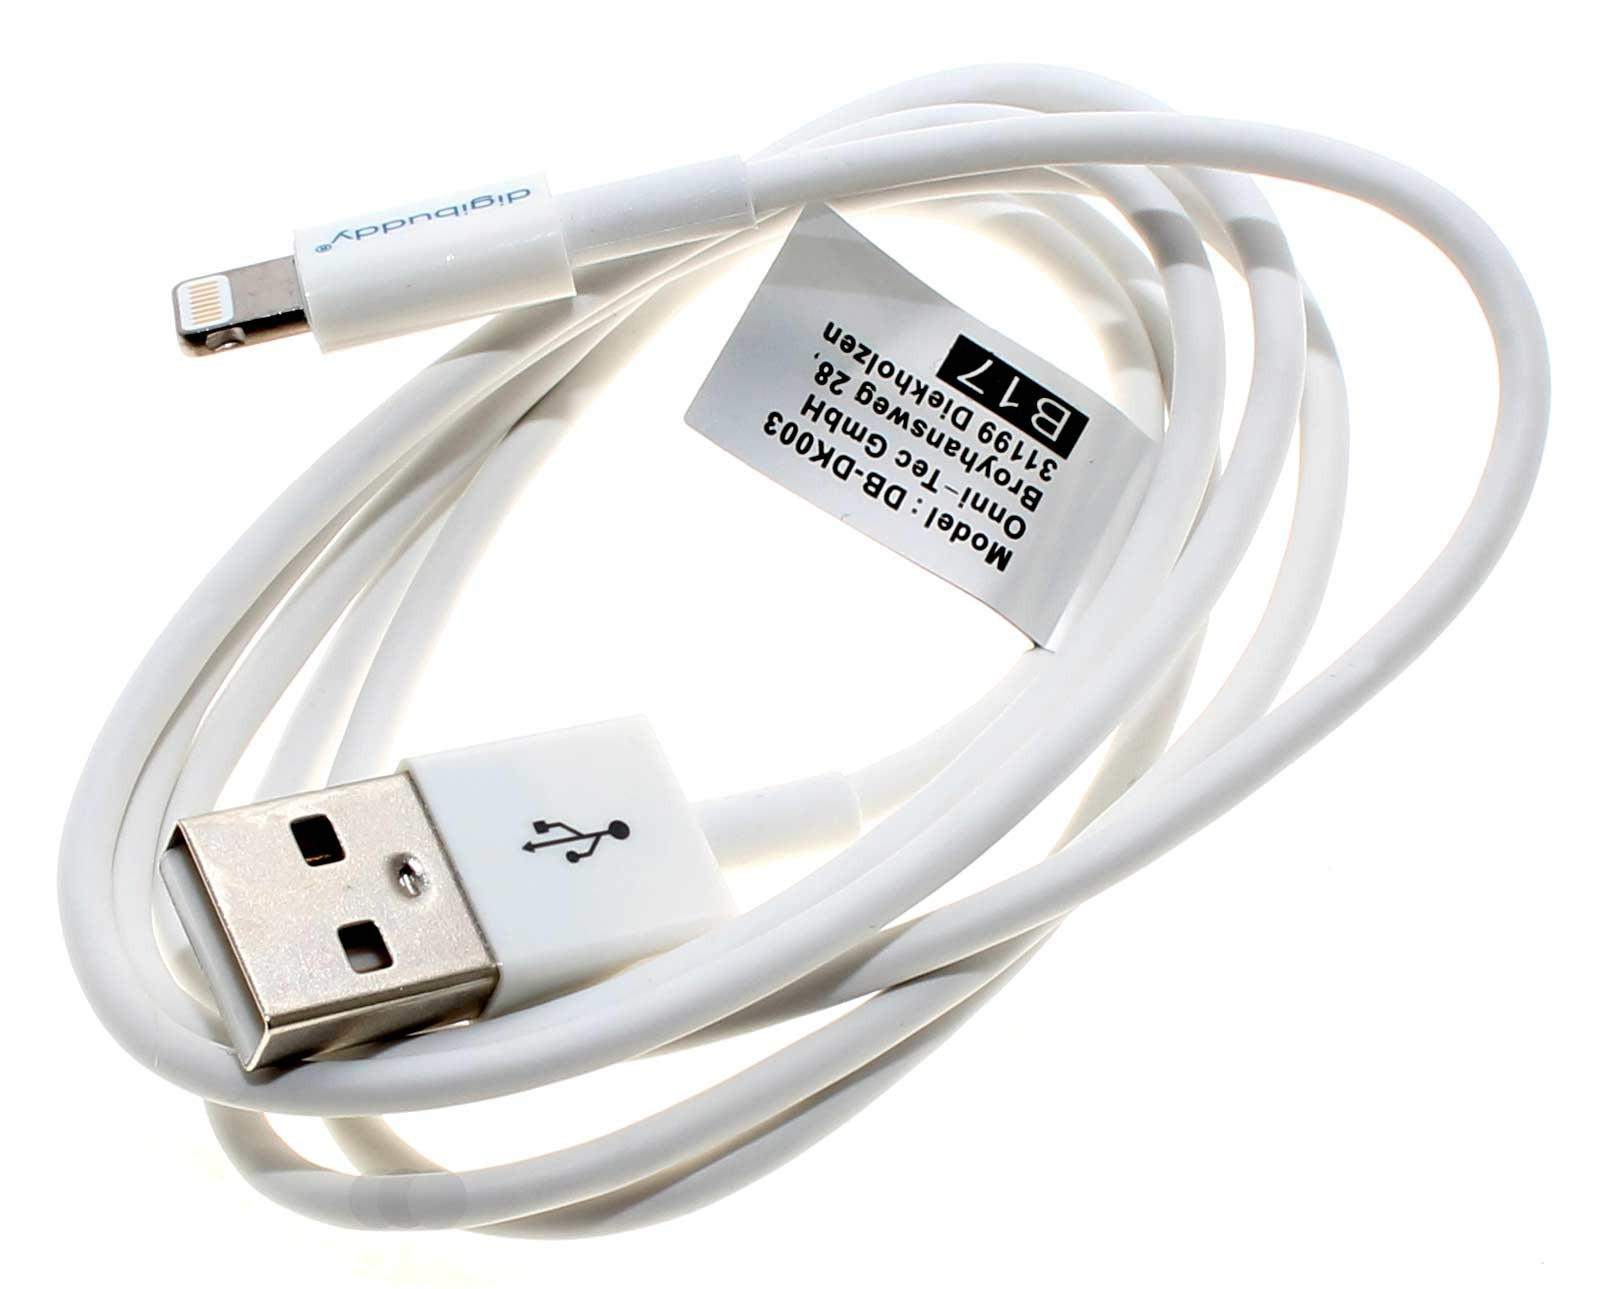 1 Meter USB Daten- und Ladekabel für Apple iPhone, iPad und iPod, für Geräte mit Lightning Connector geeignet